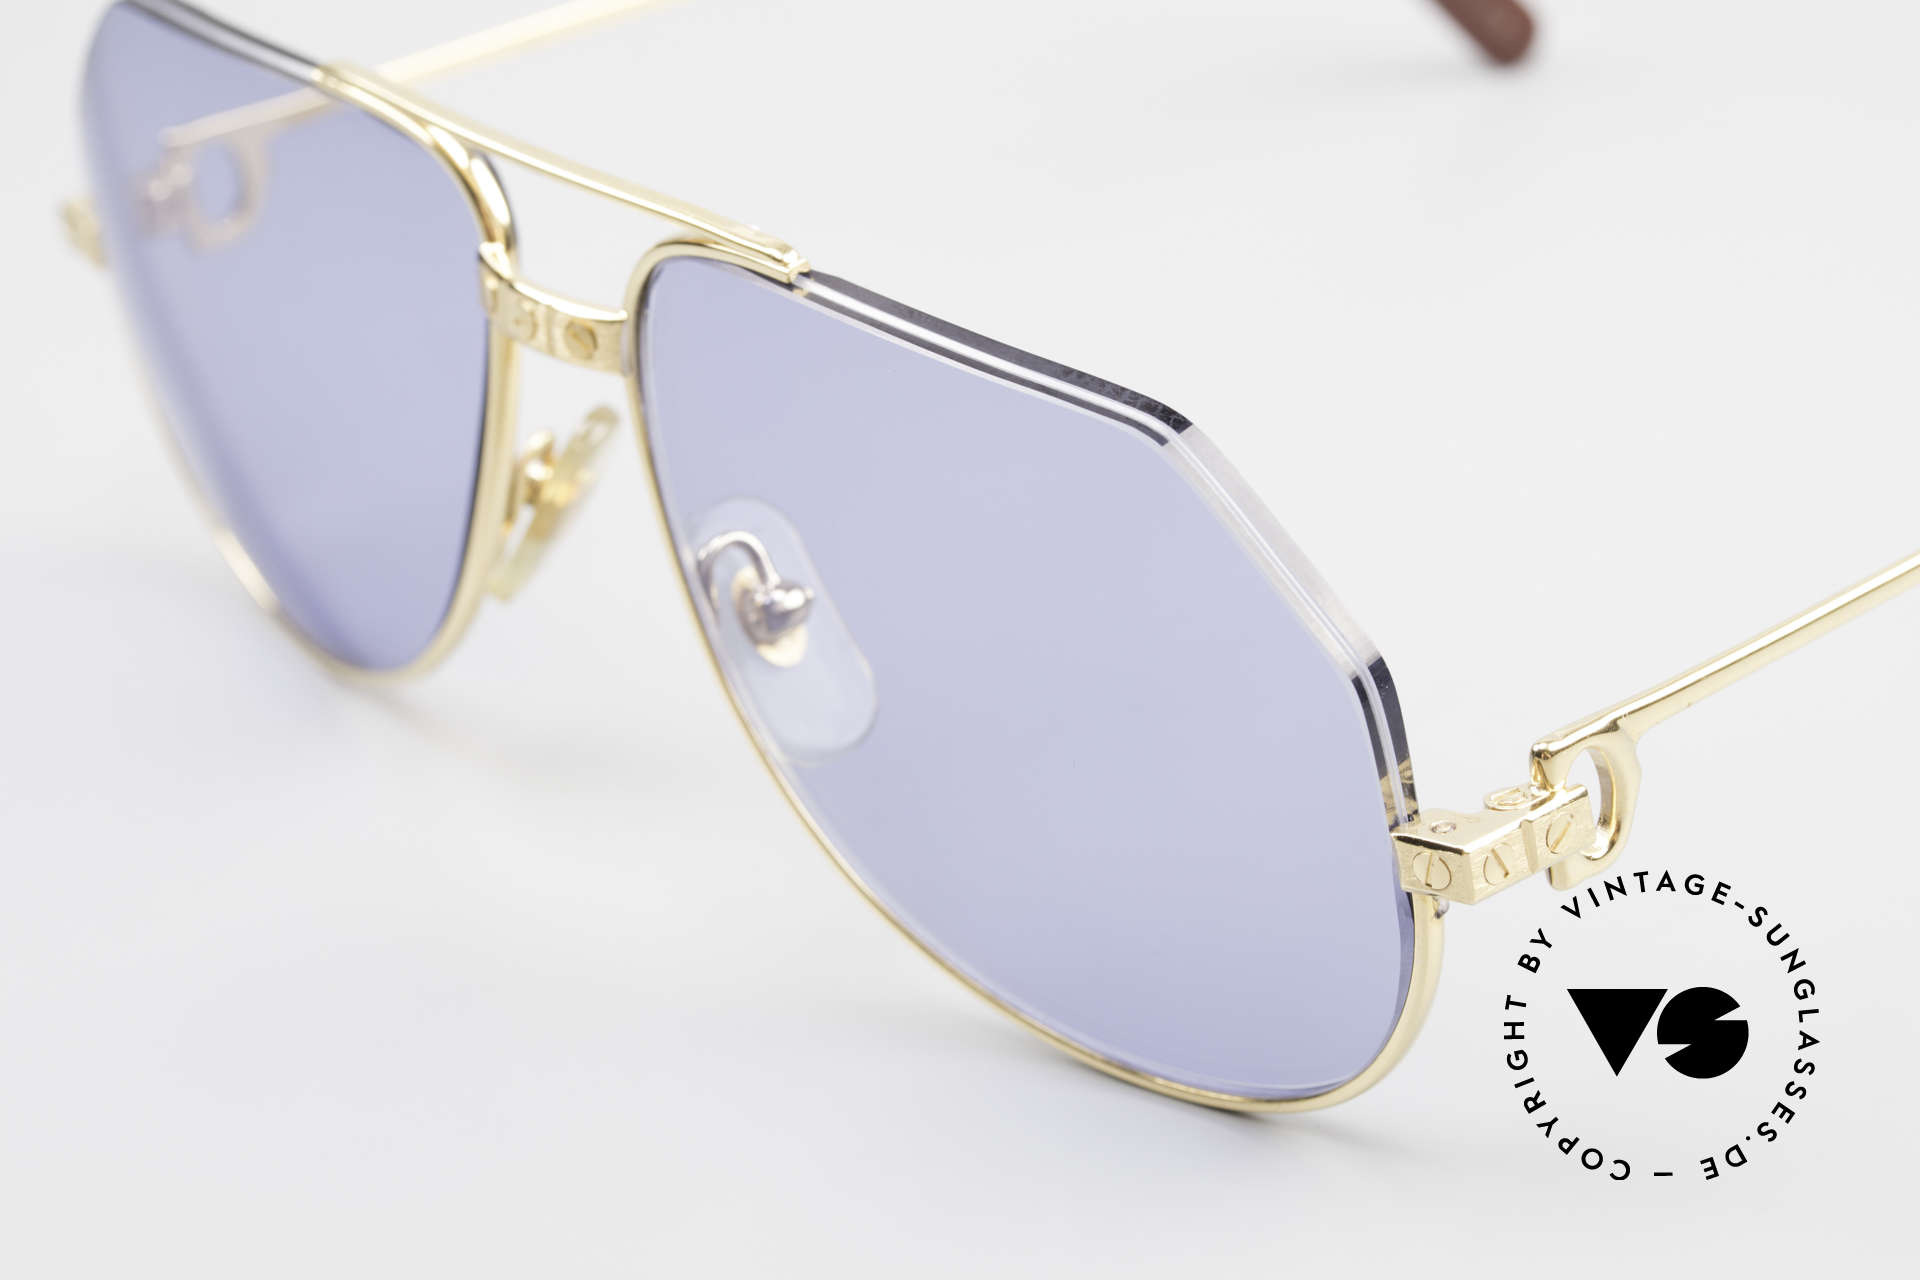 Cartier Vendome Santos - S Einzelstück Nylor Und Gold, dadurch wird die Brille leichter und sieht origineller aus, Passend für Herren